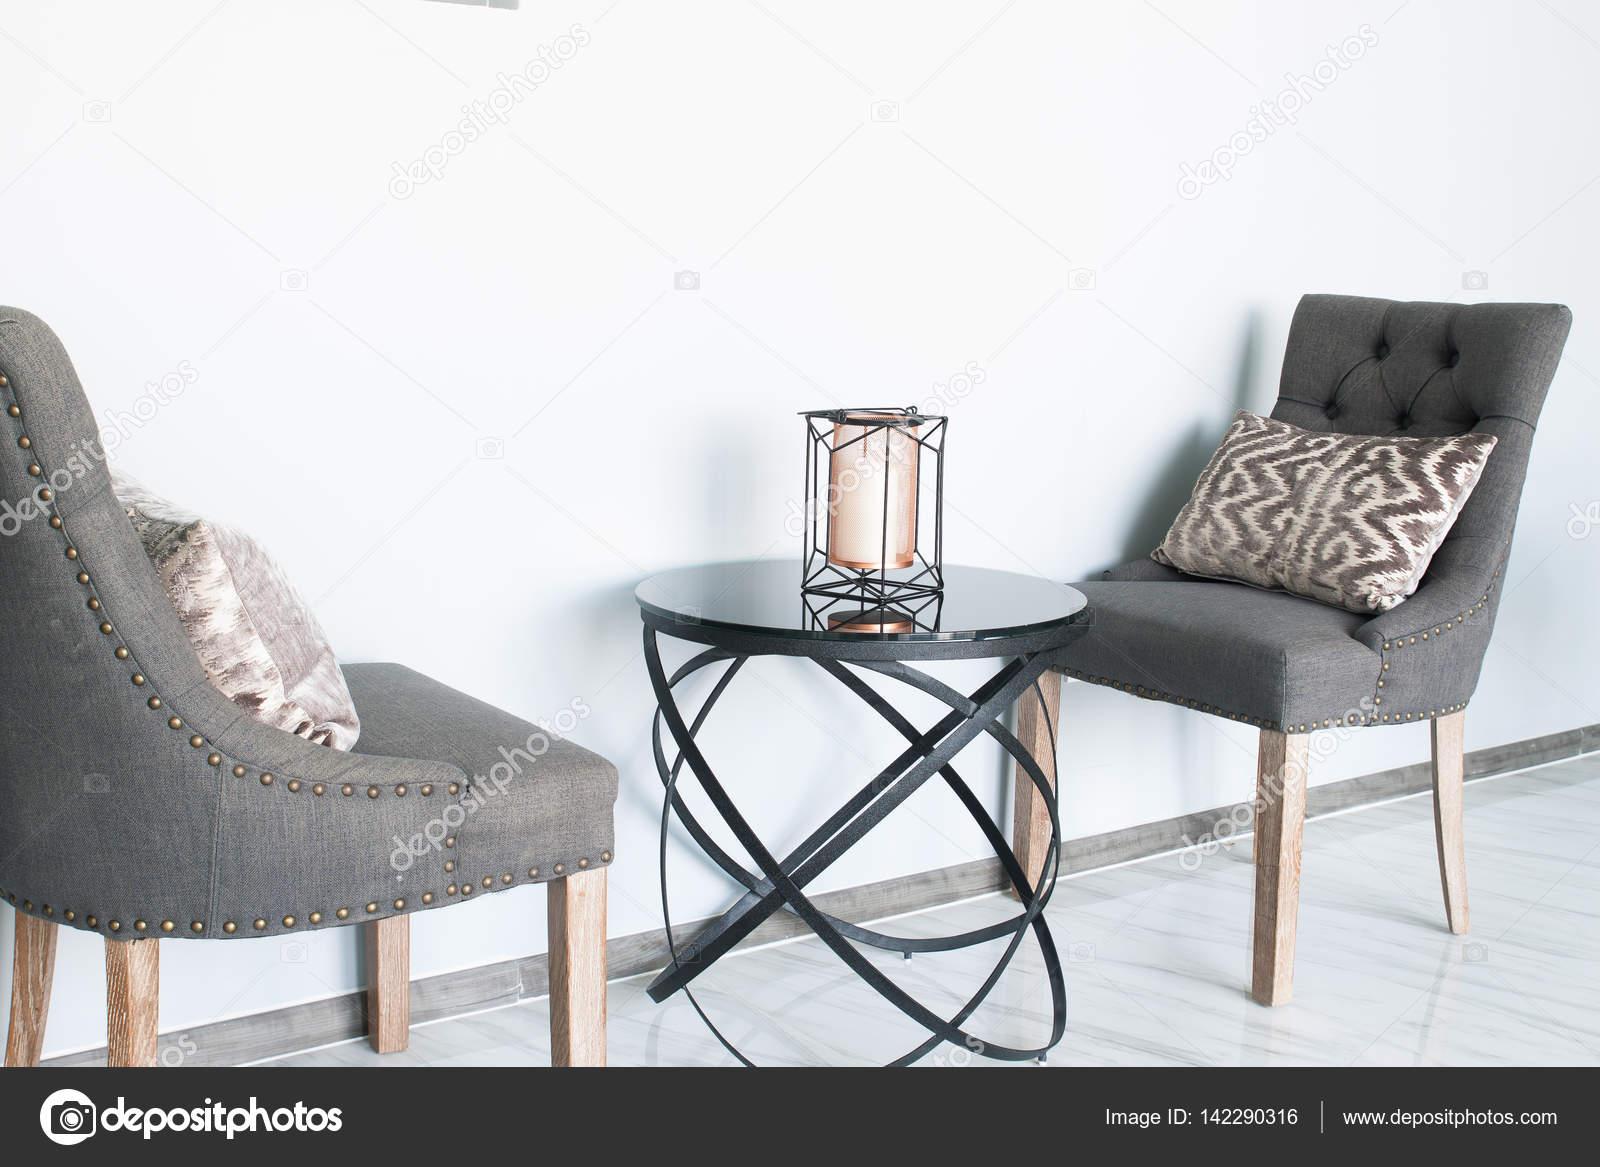 Colori Interni Grigio : Colore grigio sedie con tavolo interni dal design moderno u2014 foto